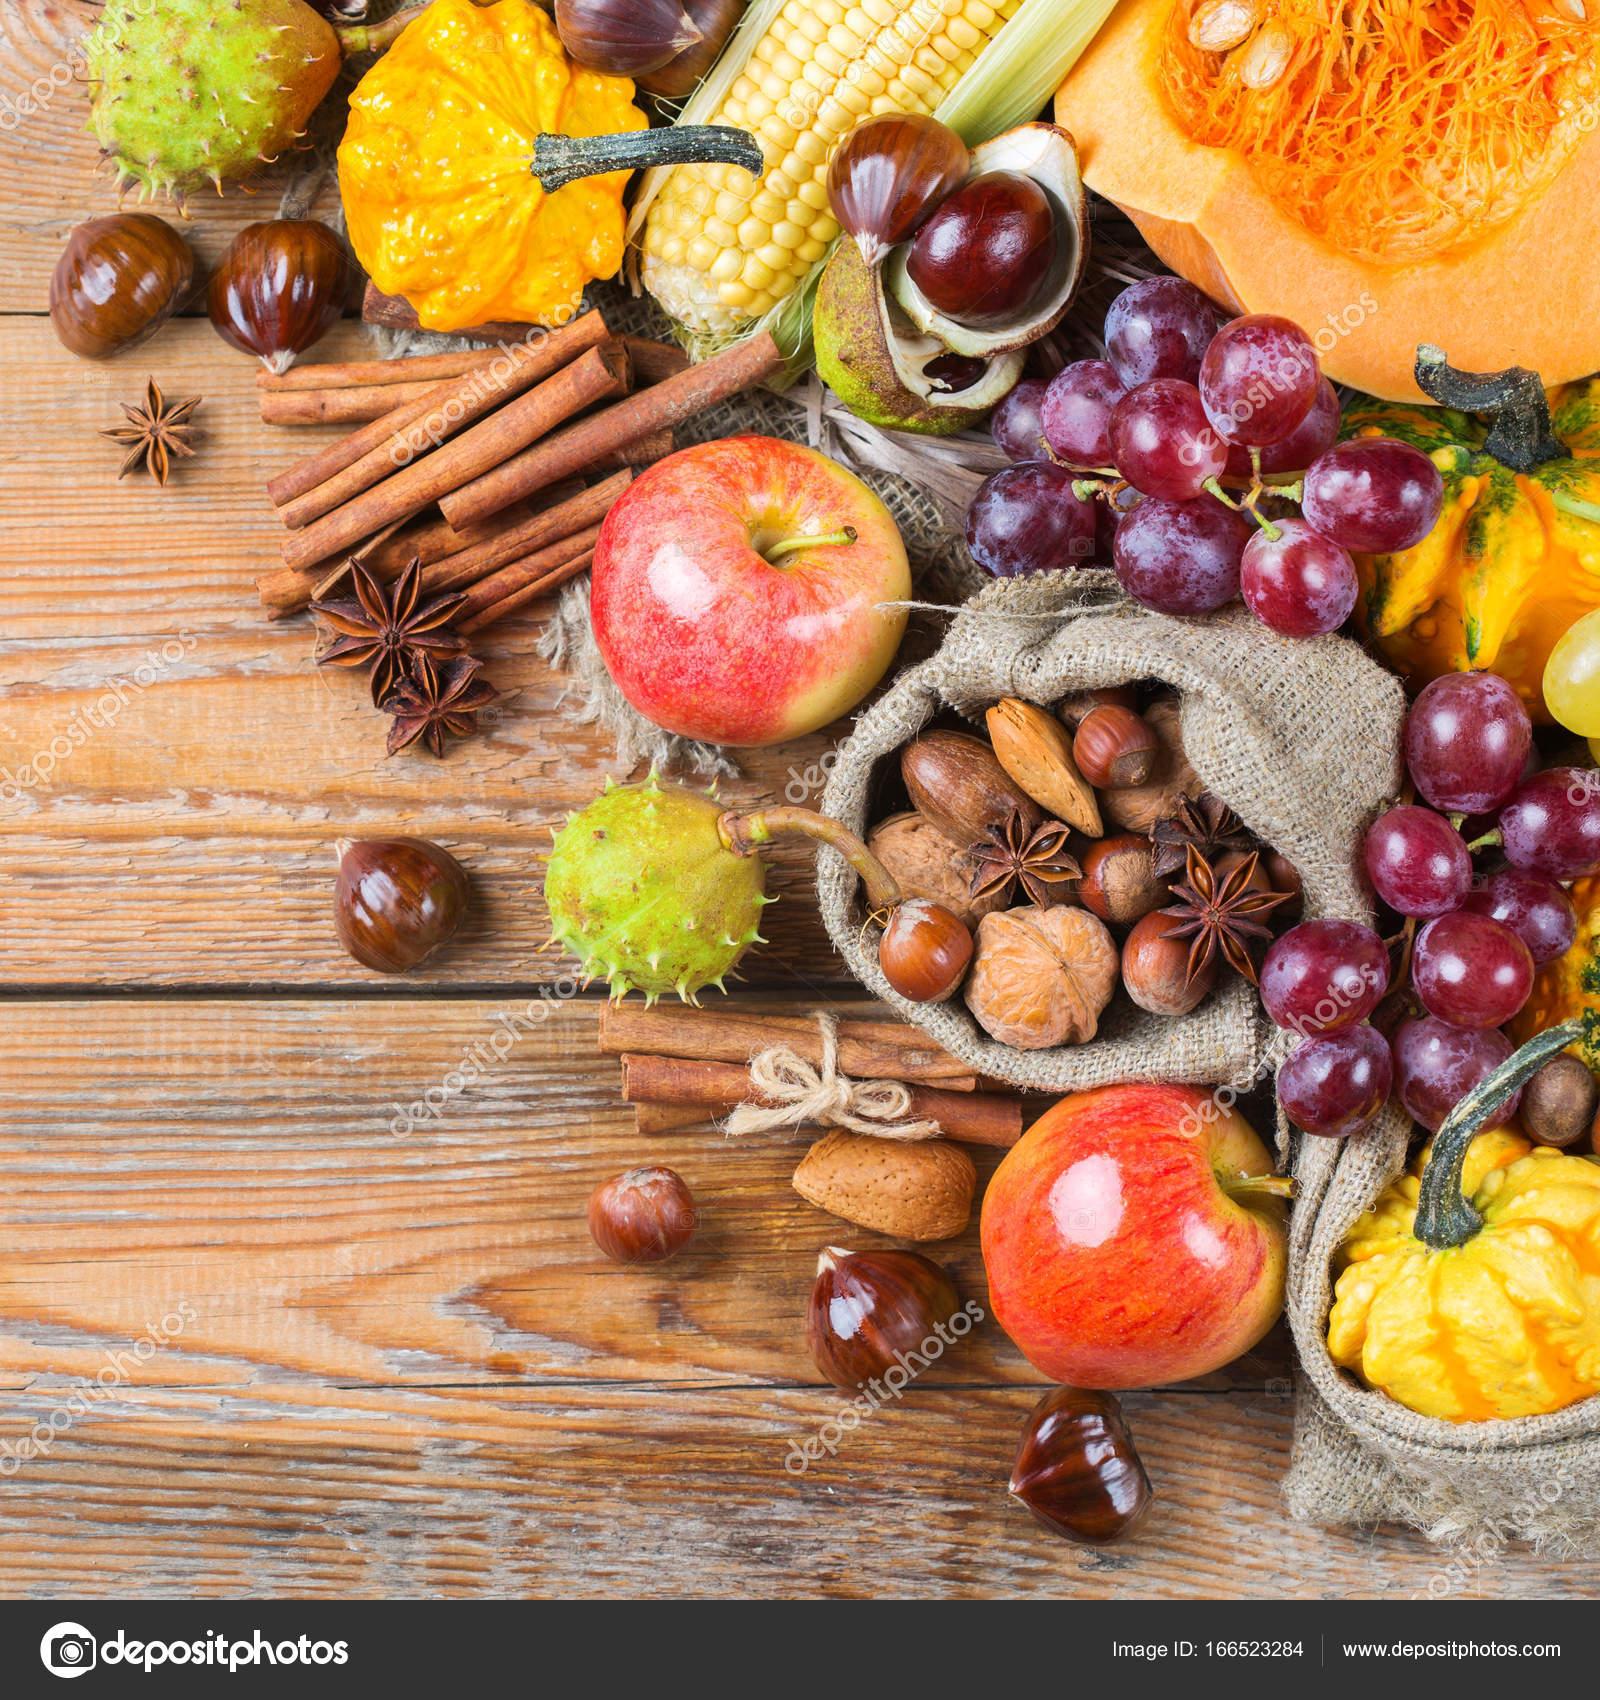 Herbst Herbst Ernte Hintergrund Mit Kastanien Kurbis Apfel Mais